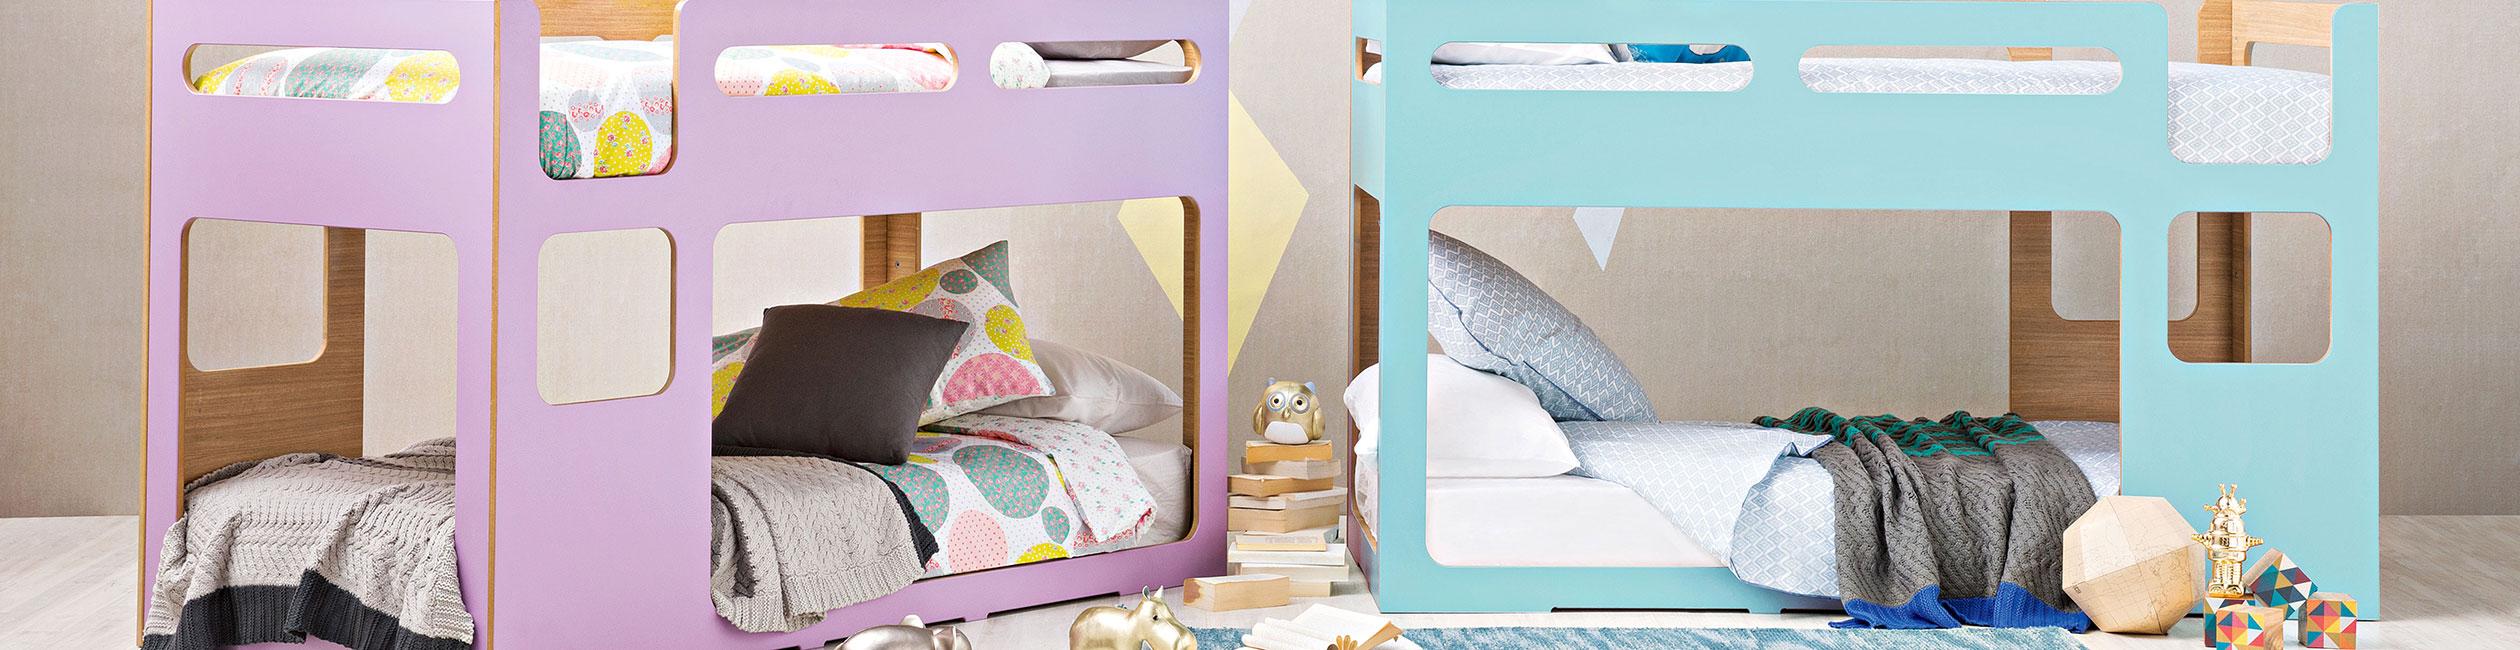 Kid Beds Kids Furniture Bunk Beds Toddler Bed Domayne